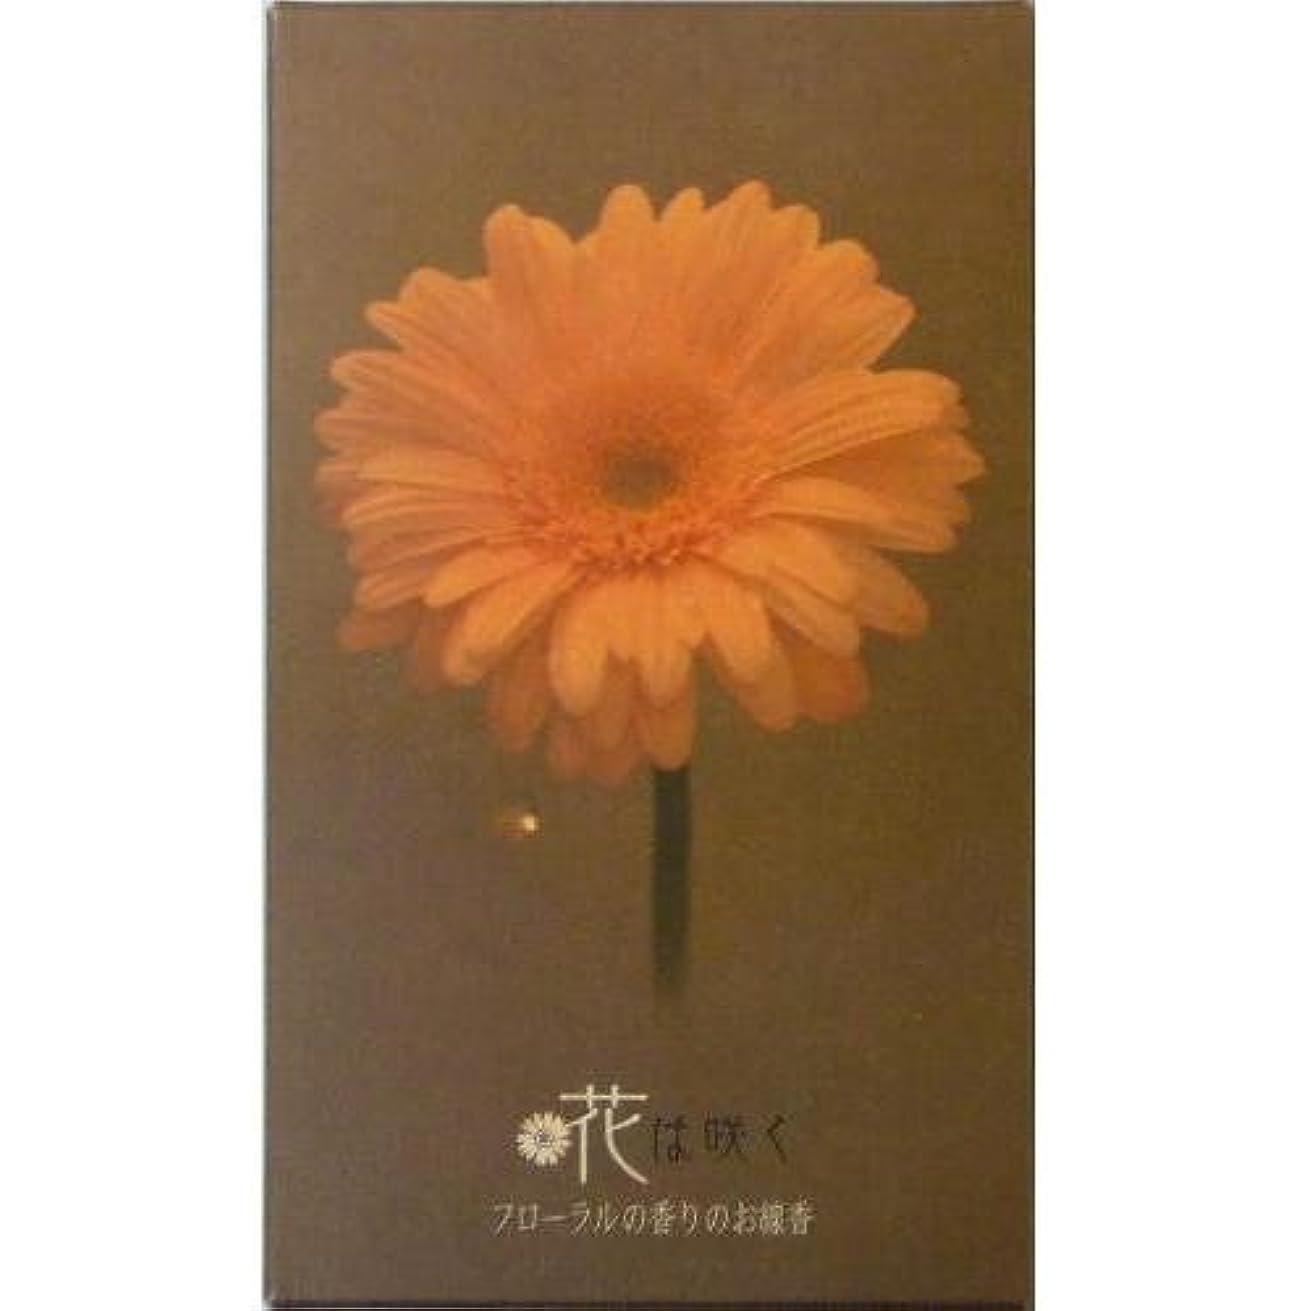 マチュピチュ引き出すいつか花は咲く フローラルの香りのお線香 (約190g)